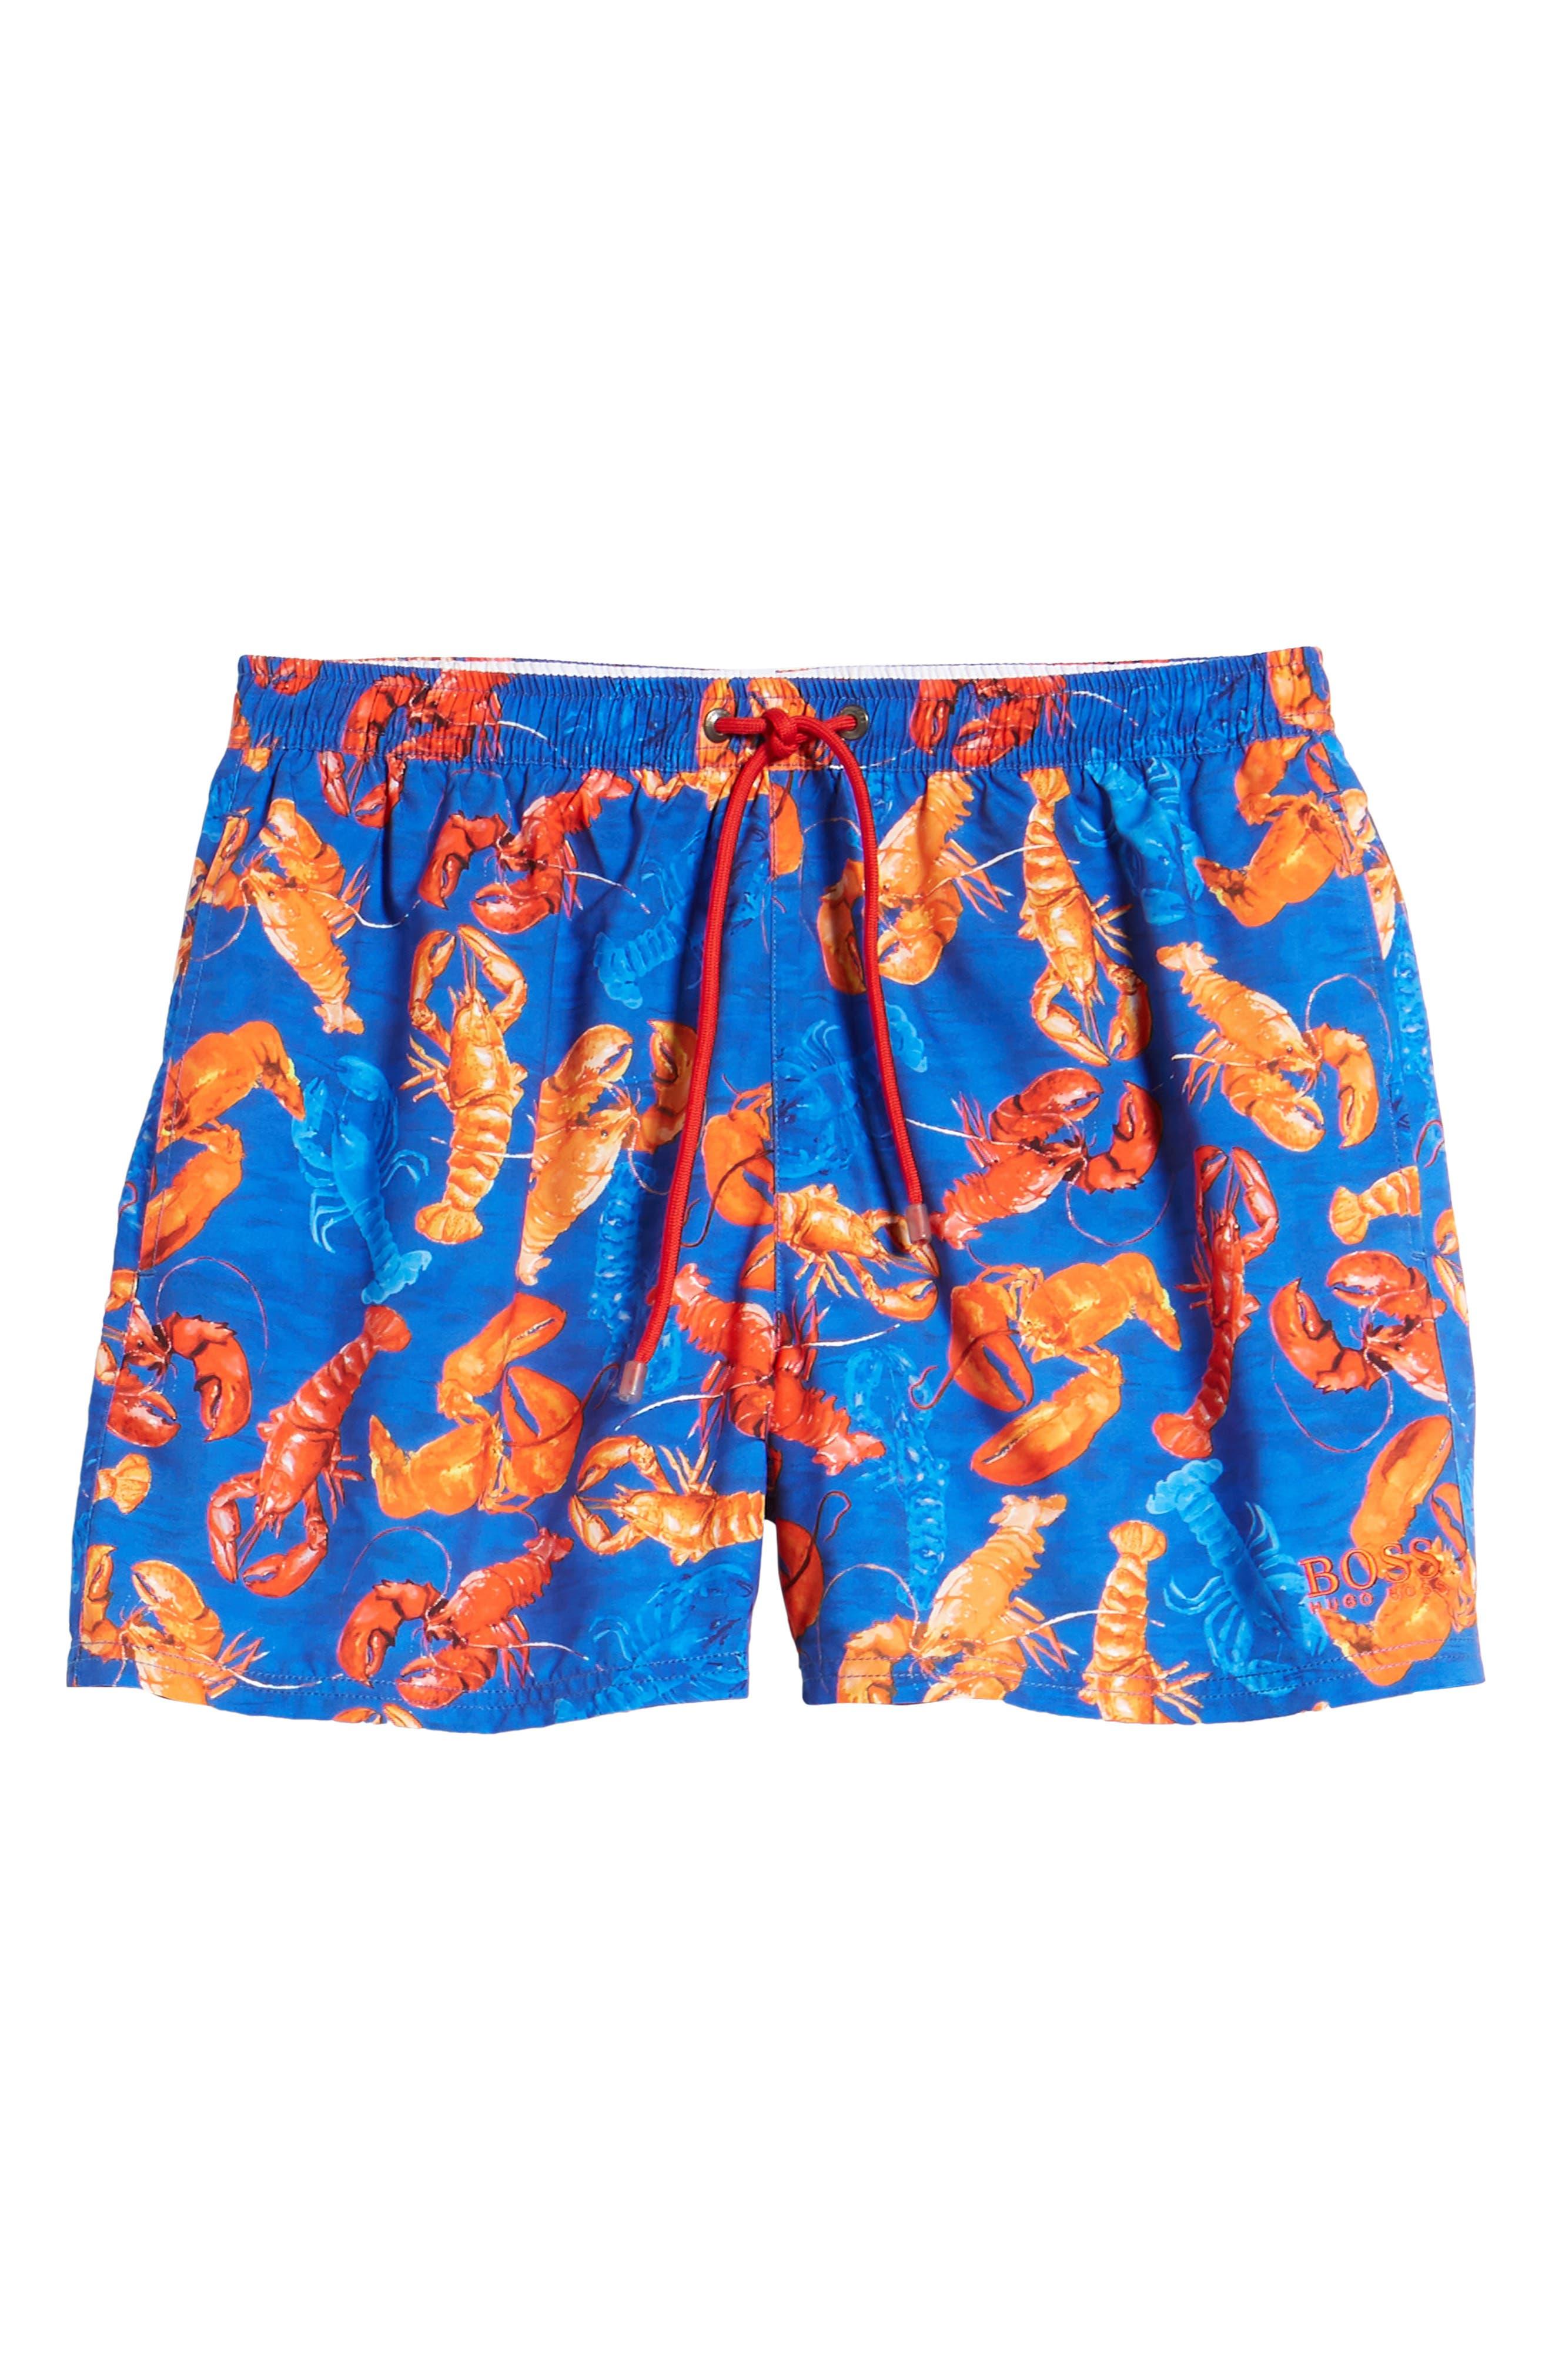 Piranha Lobster Swim Trunks,                             Alternate thumbnail 6, color,                             460